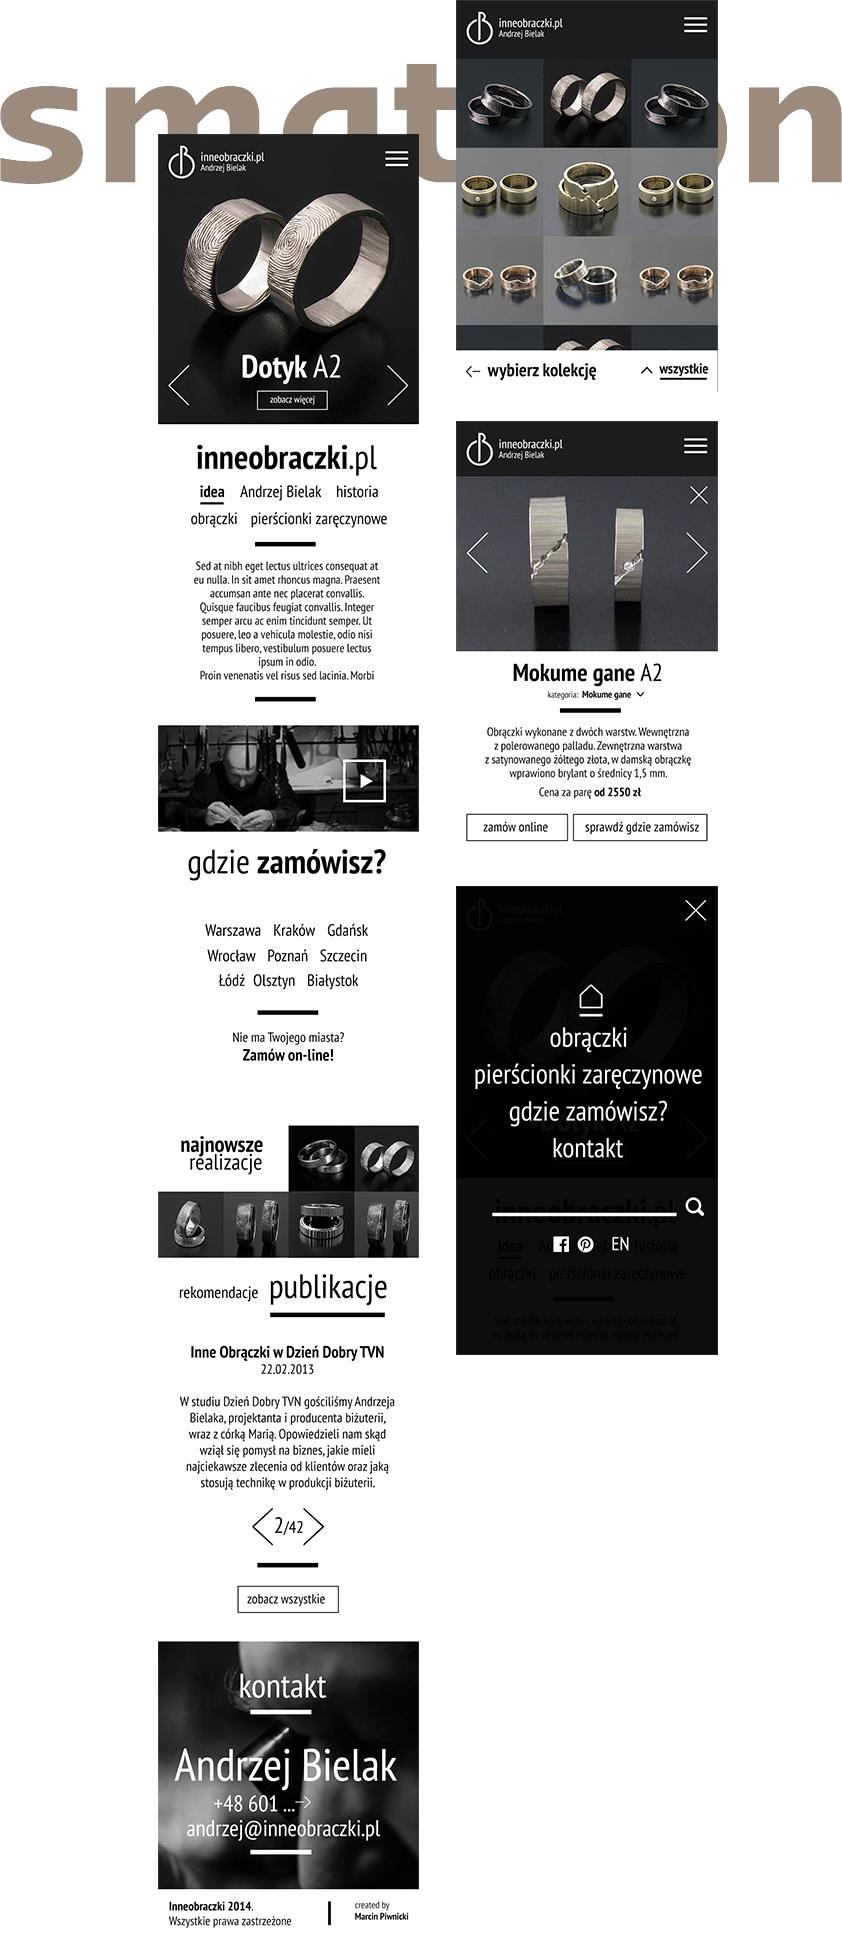 smartfonnag